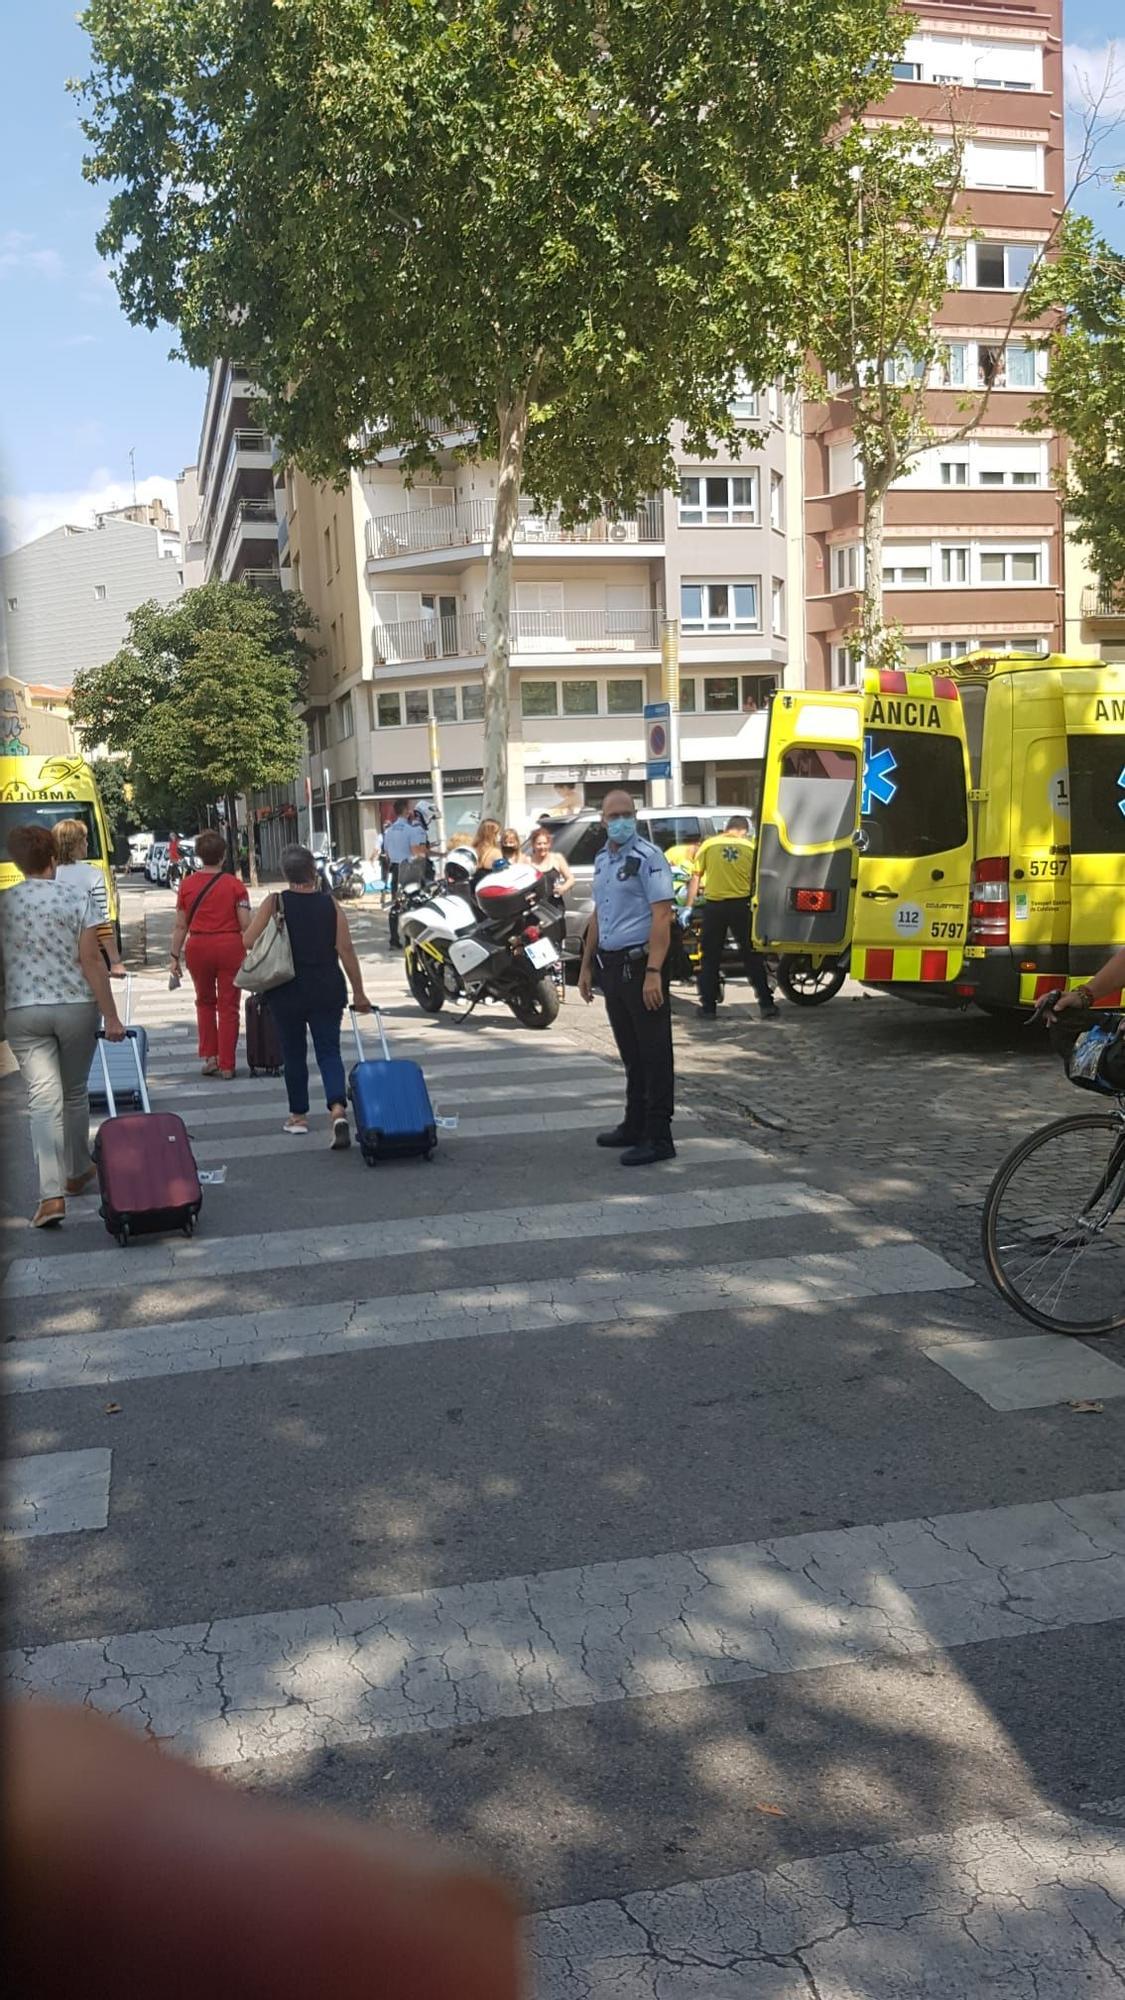 Un cotxe irromp en contra direcció a la plaça Poeta Marquina de Girona i deixa dos ferits